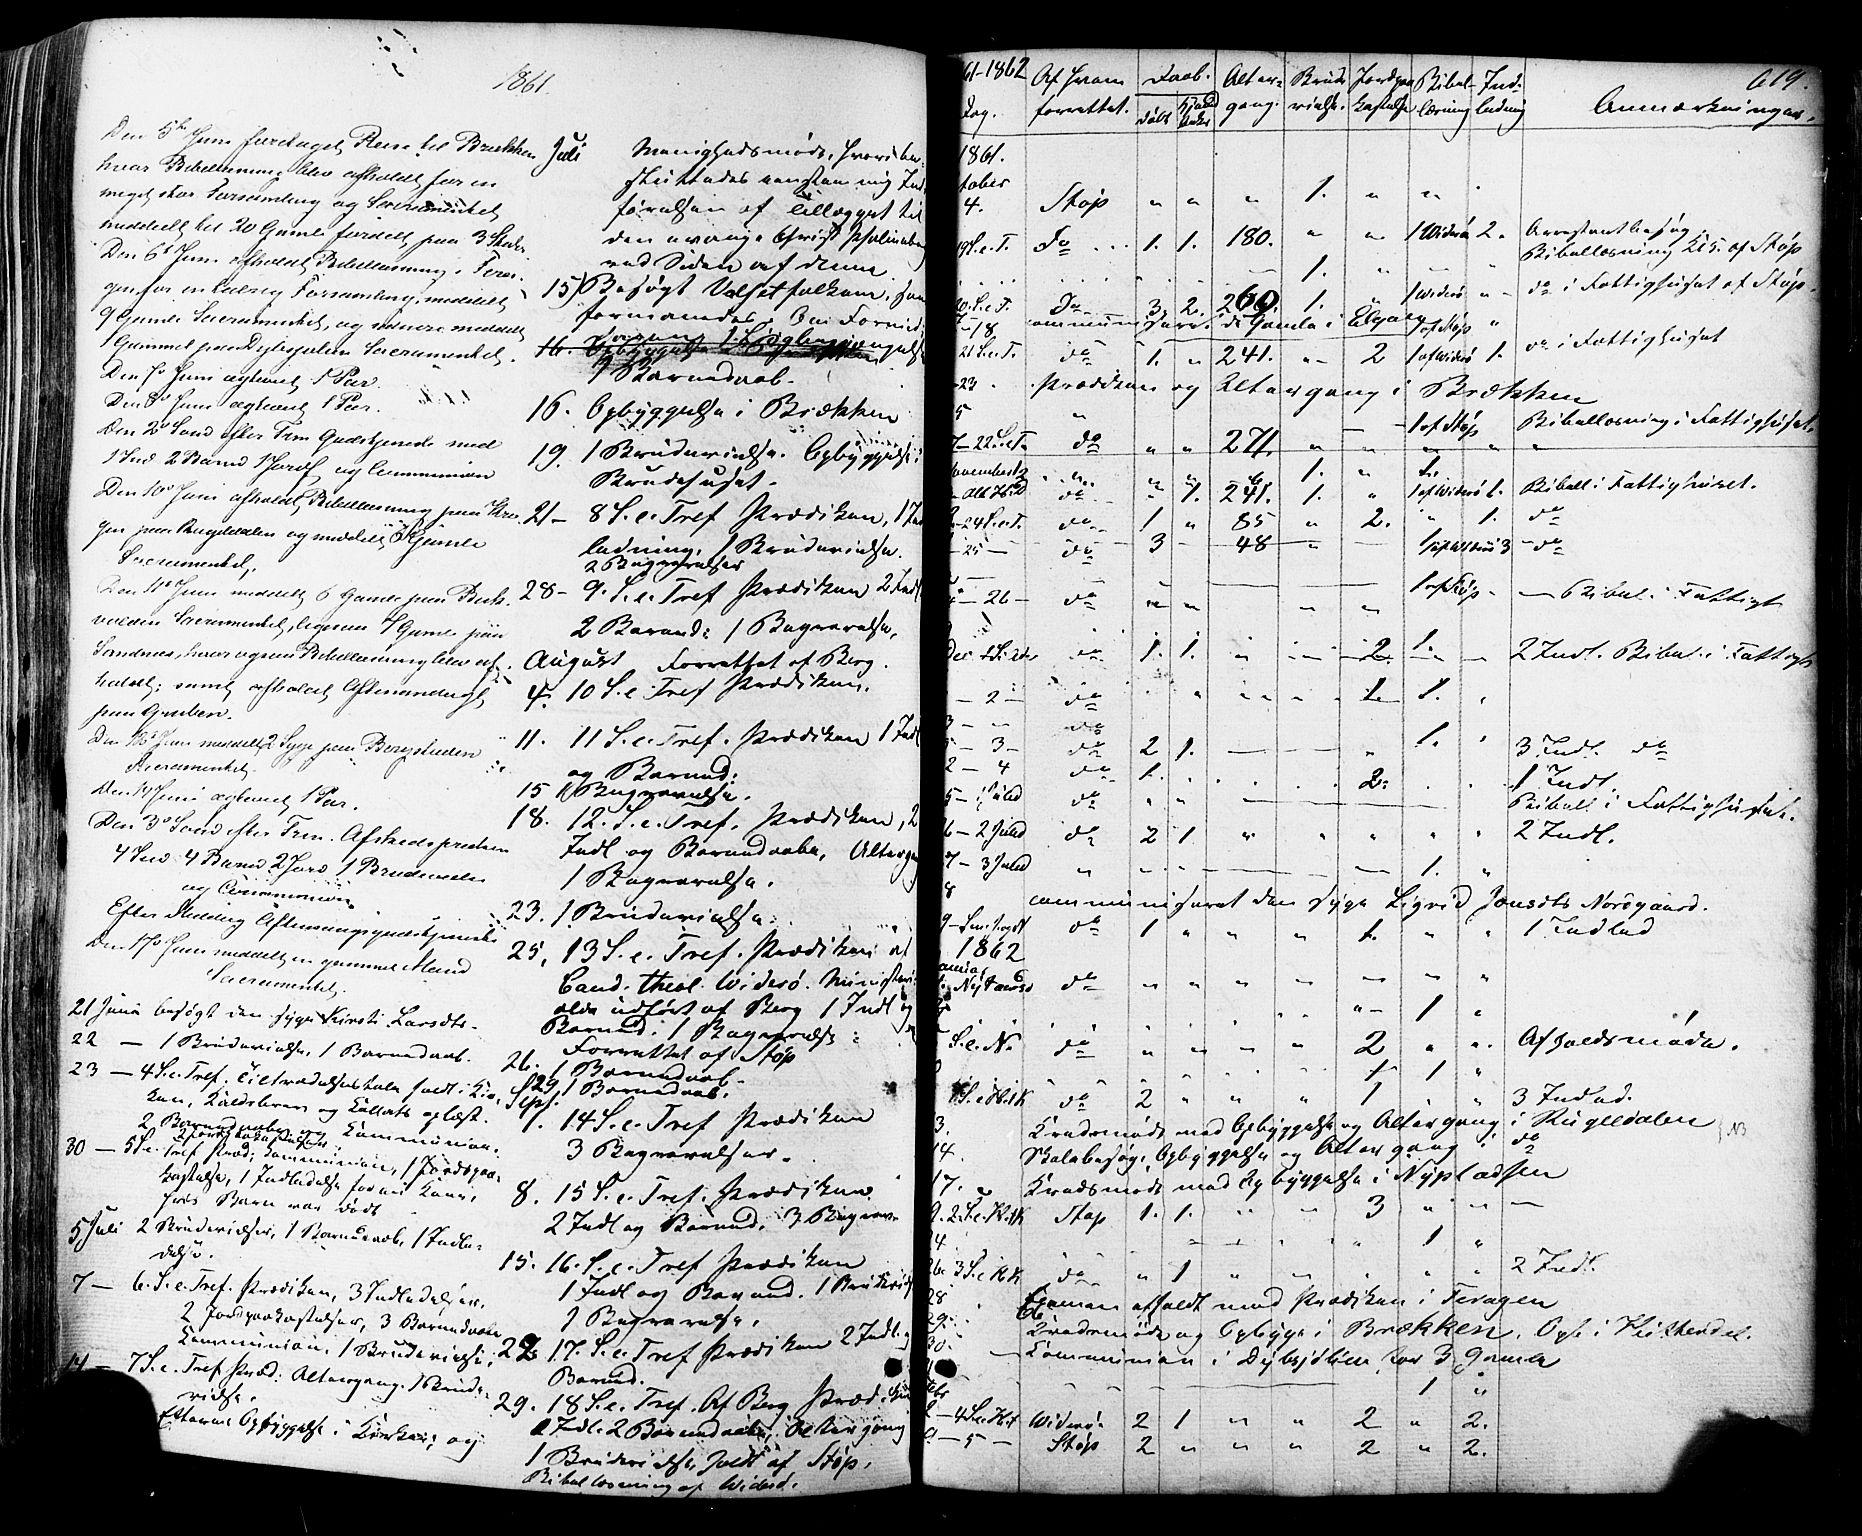 SAT, Ministerialprotokoller, klokkerbøker og fødselsregistre - Sør-Trøndelag, 681/L0932: Ministerialbok nr. 681A10, 1860-1878, s. 619